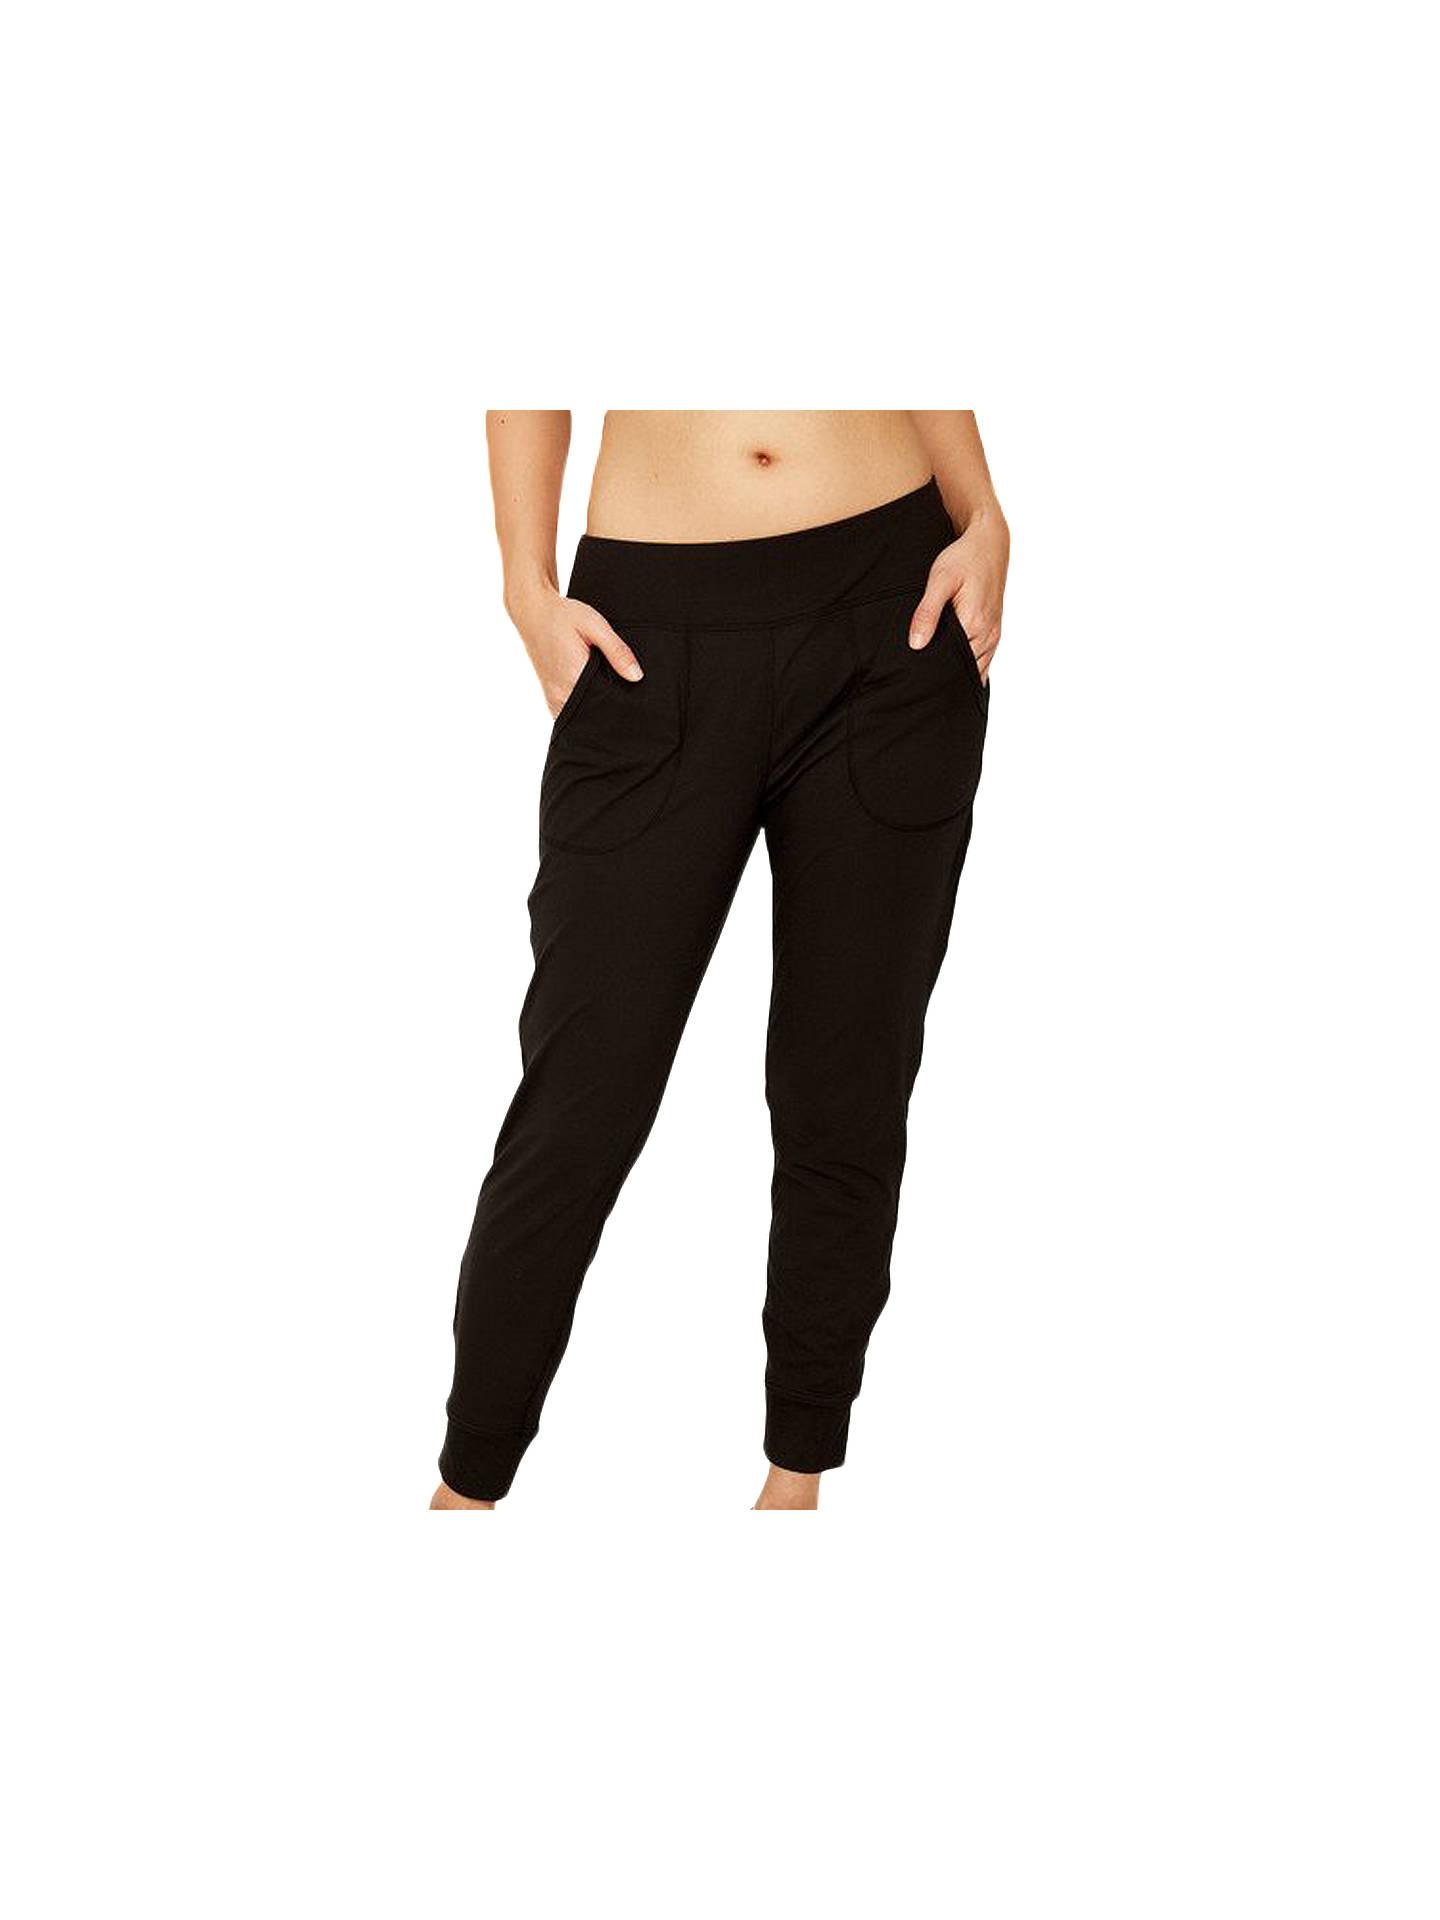 ae8af7e053 Buy Lolë Leala Yoga Pants, Black, S Online at johnlewis.com ...